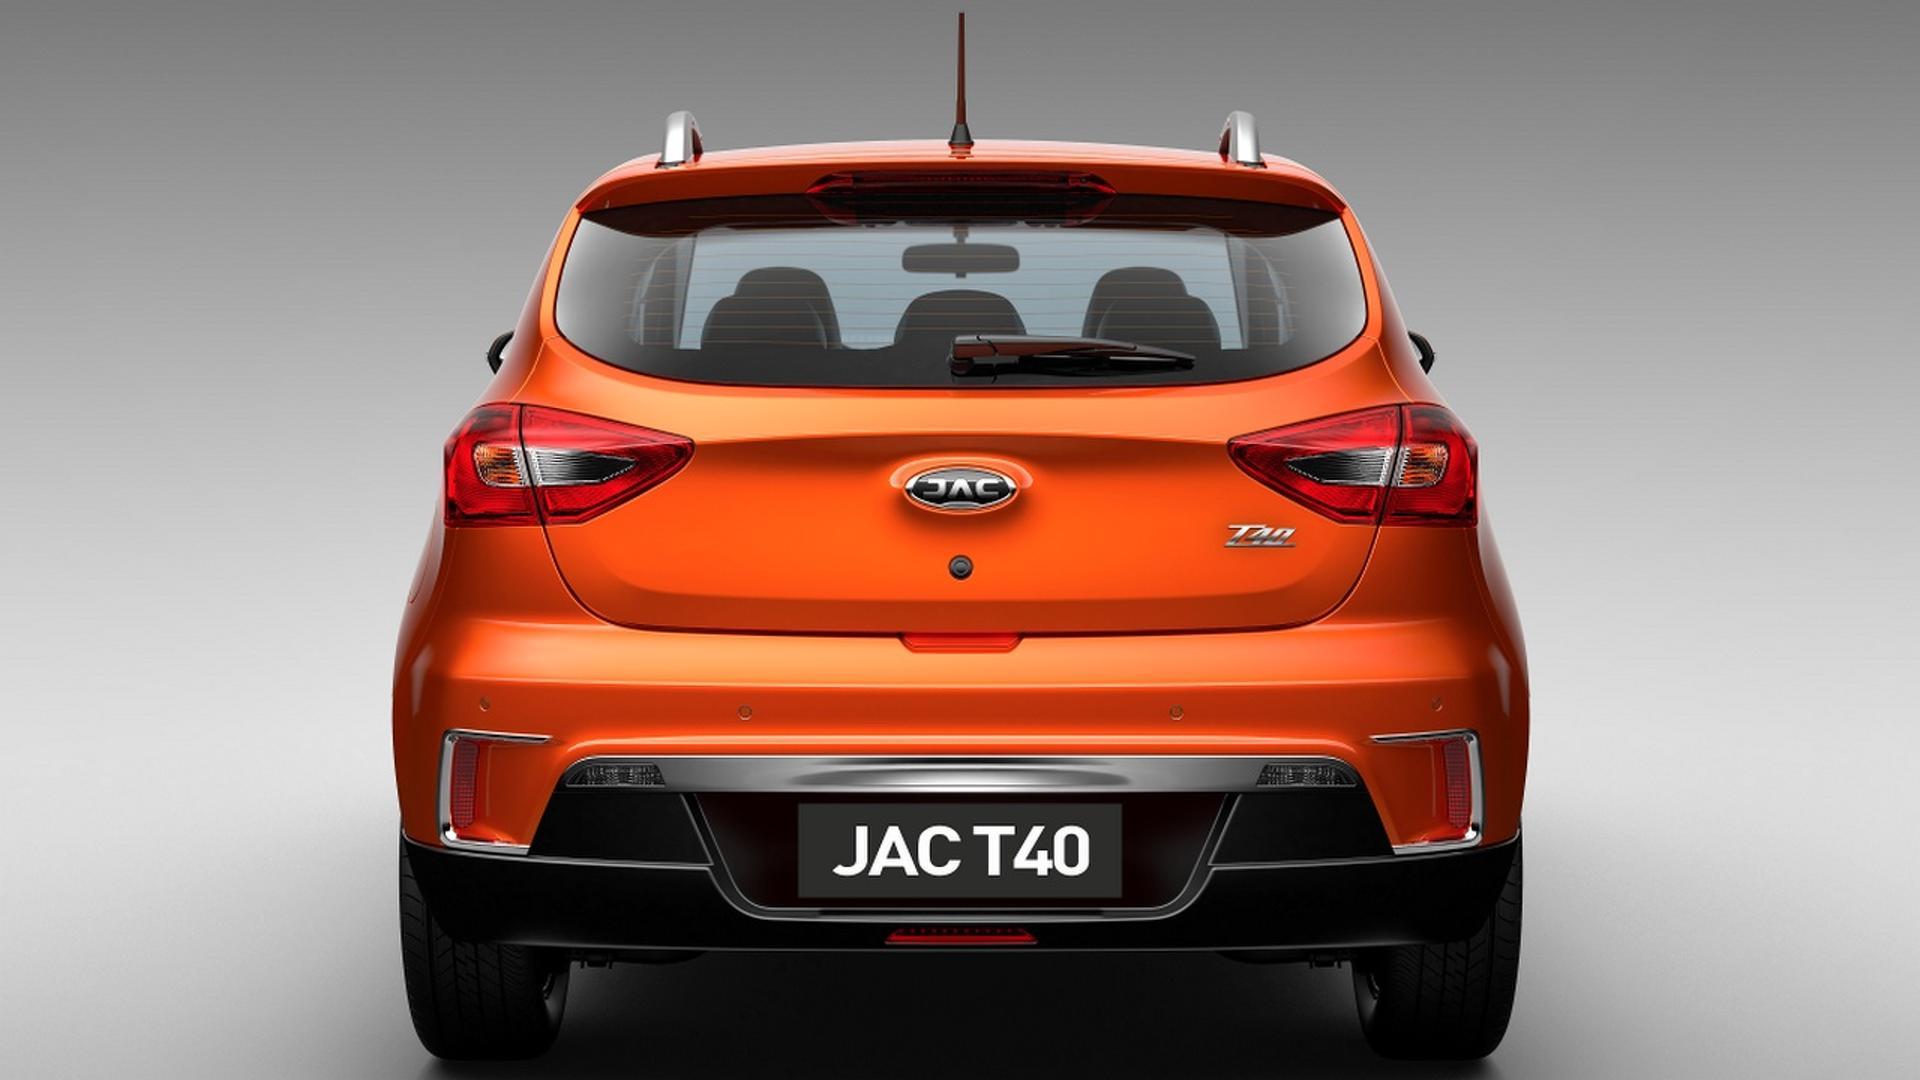 jac_t40_traseira_novo_logo